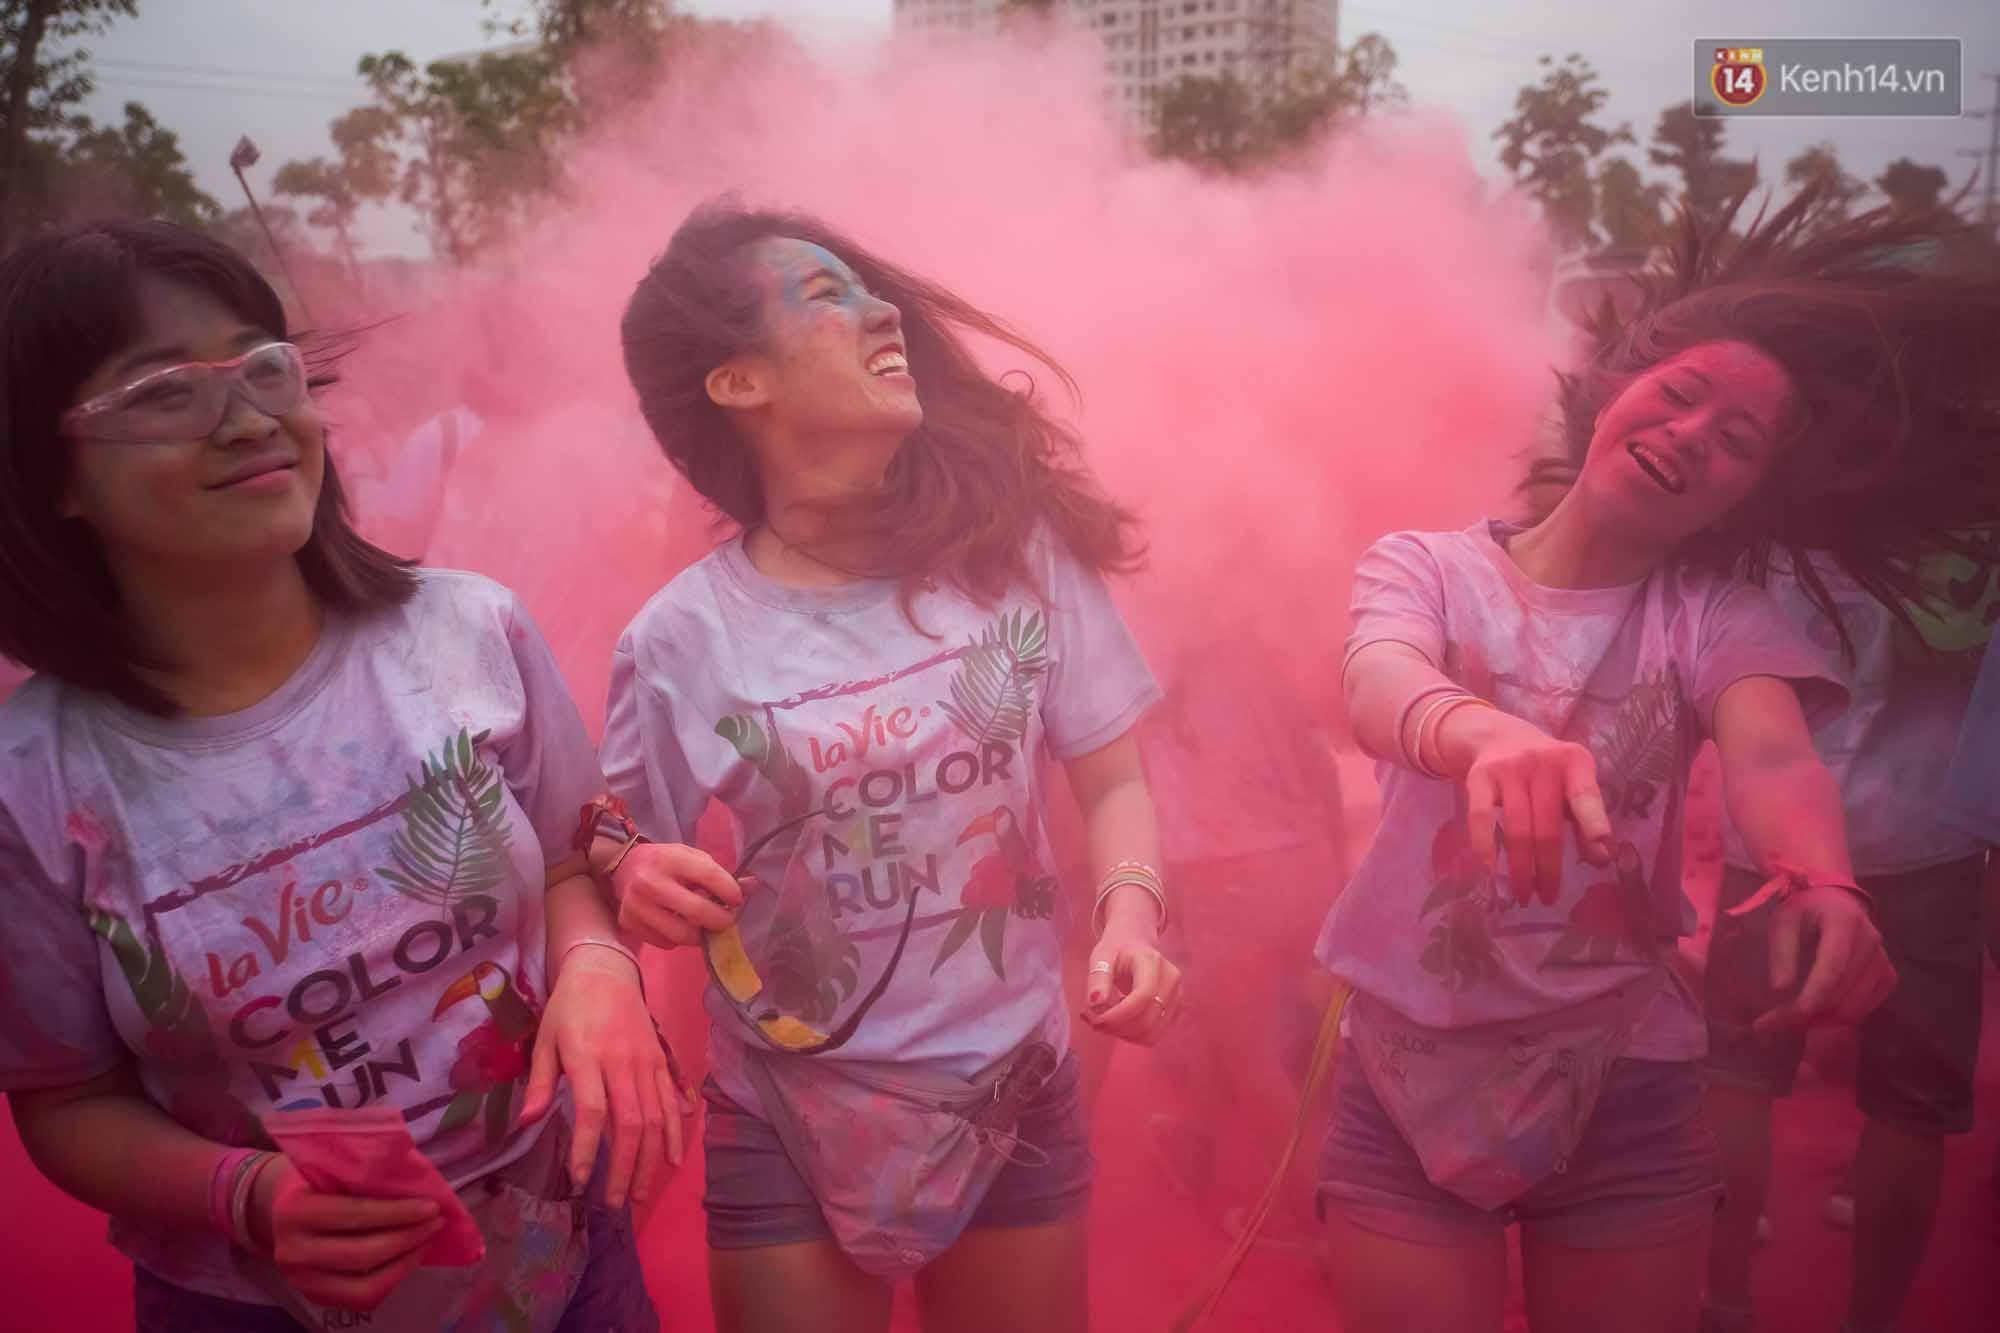 Những khoảnh khắc chứng minh đi Color Me Run lúc nào cũng vui và được quẩy hết mình! - Ảnh 19.